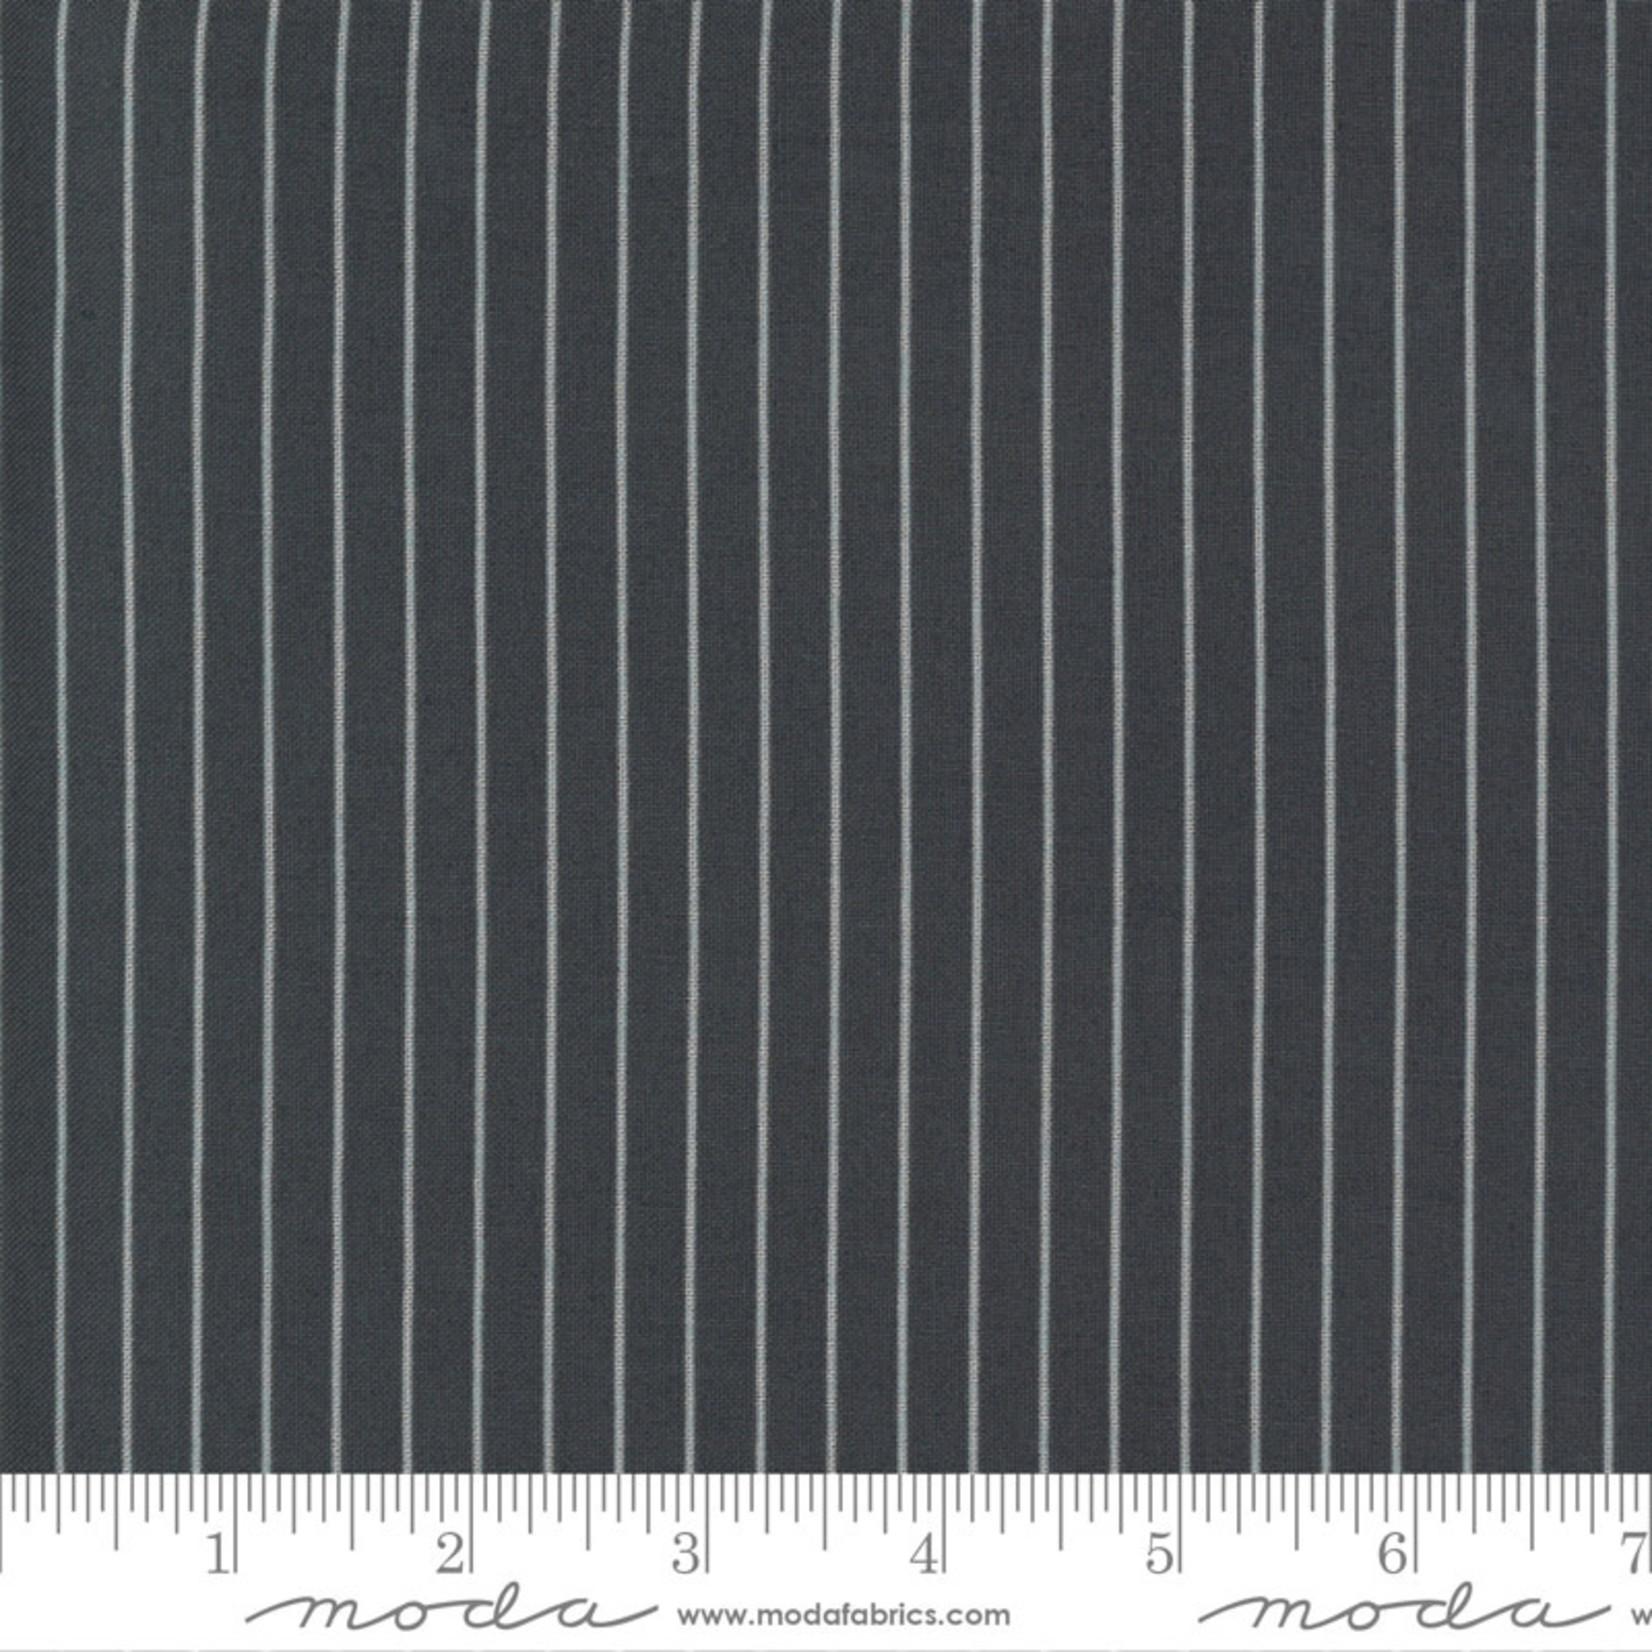 Bonnie & Camille Sunday Stroll, Wide Stripe, Grey 55228 18 $0.20 per cm or $20/m